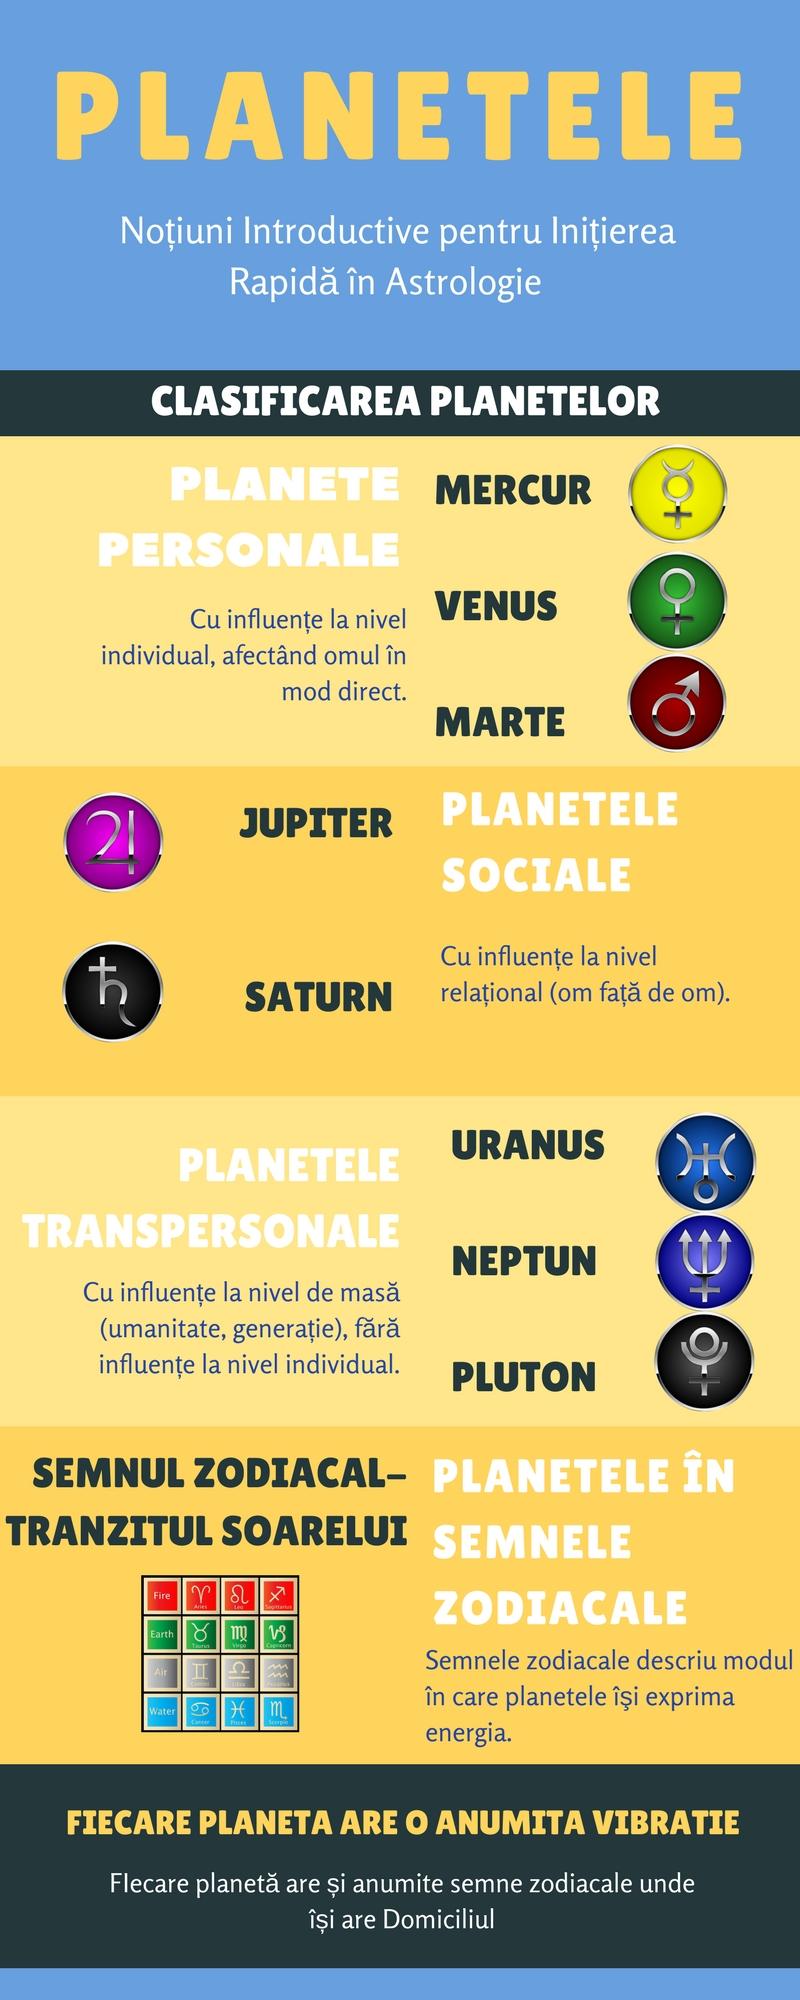 planetele infografic